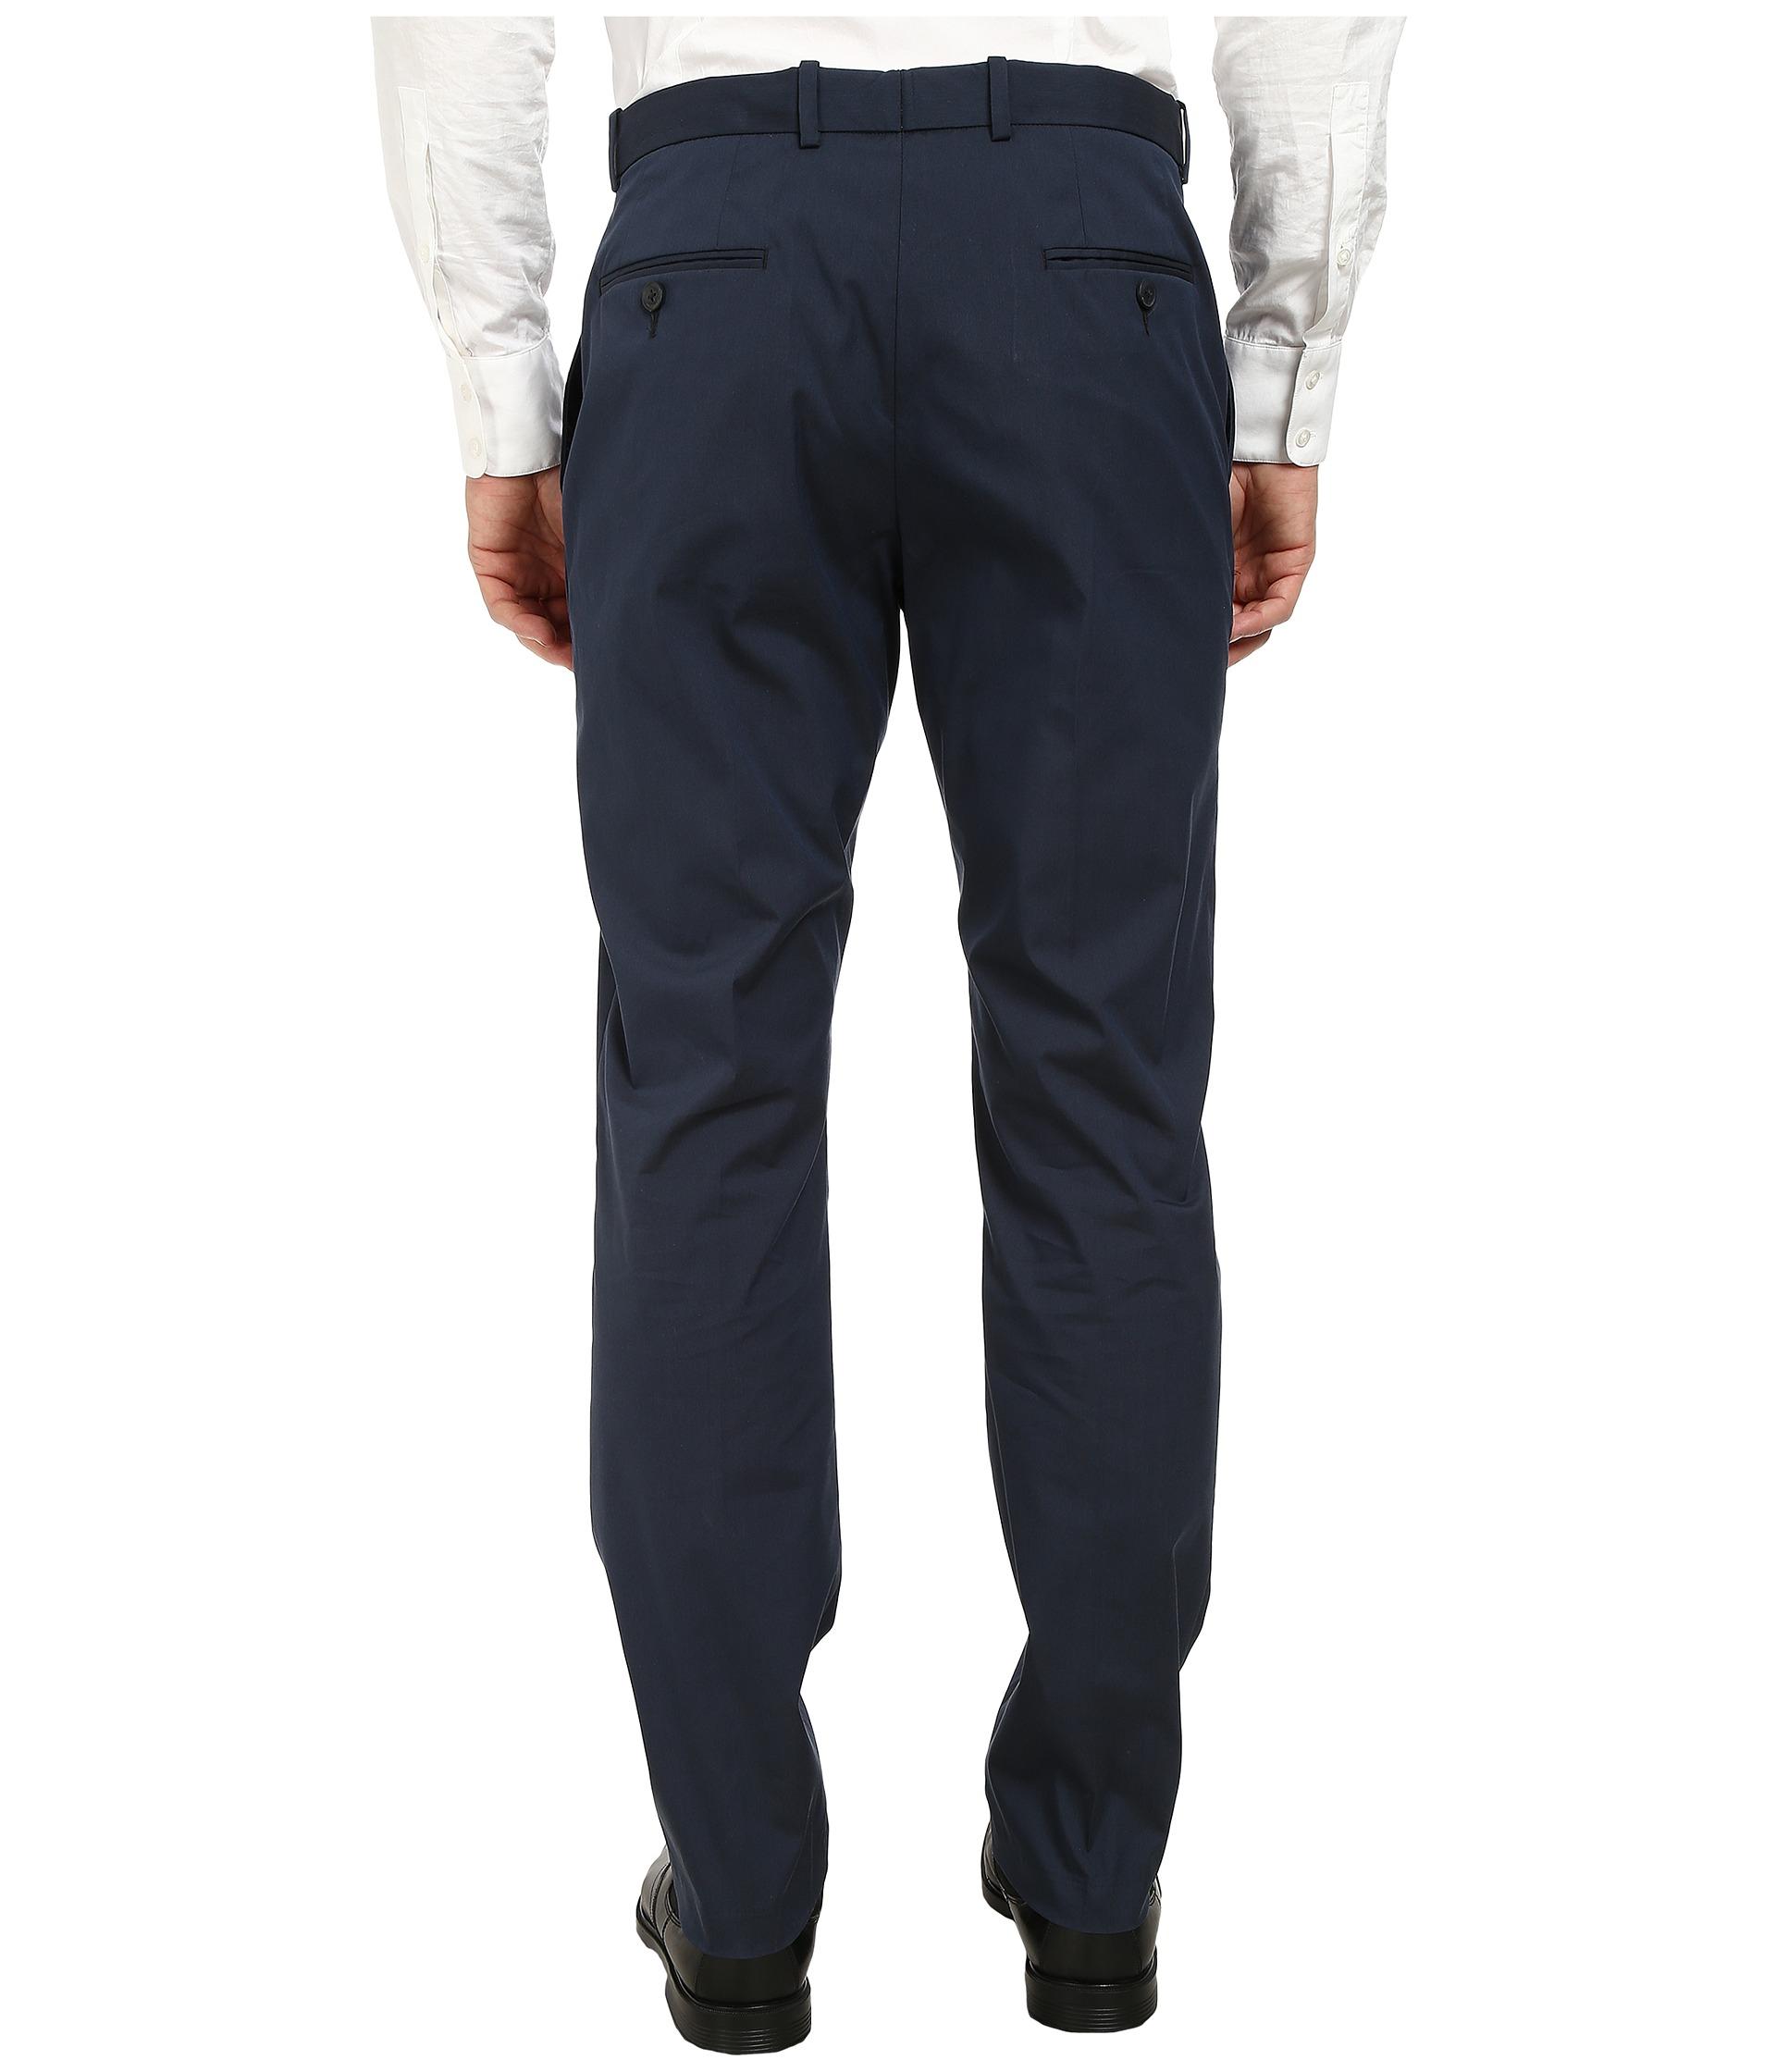 Cotton Dress Pants For Men